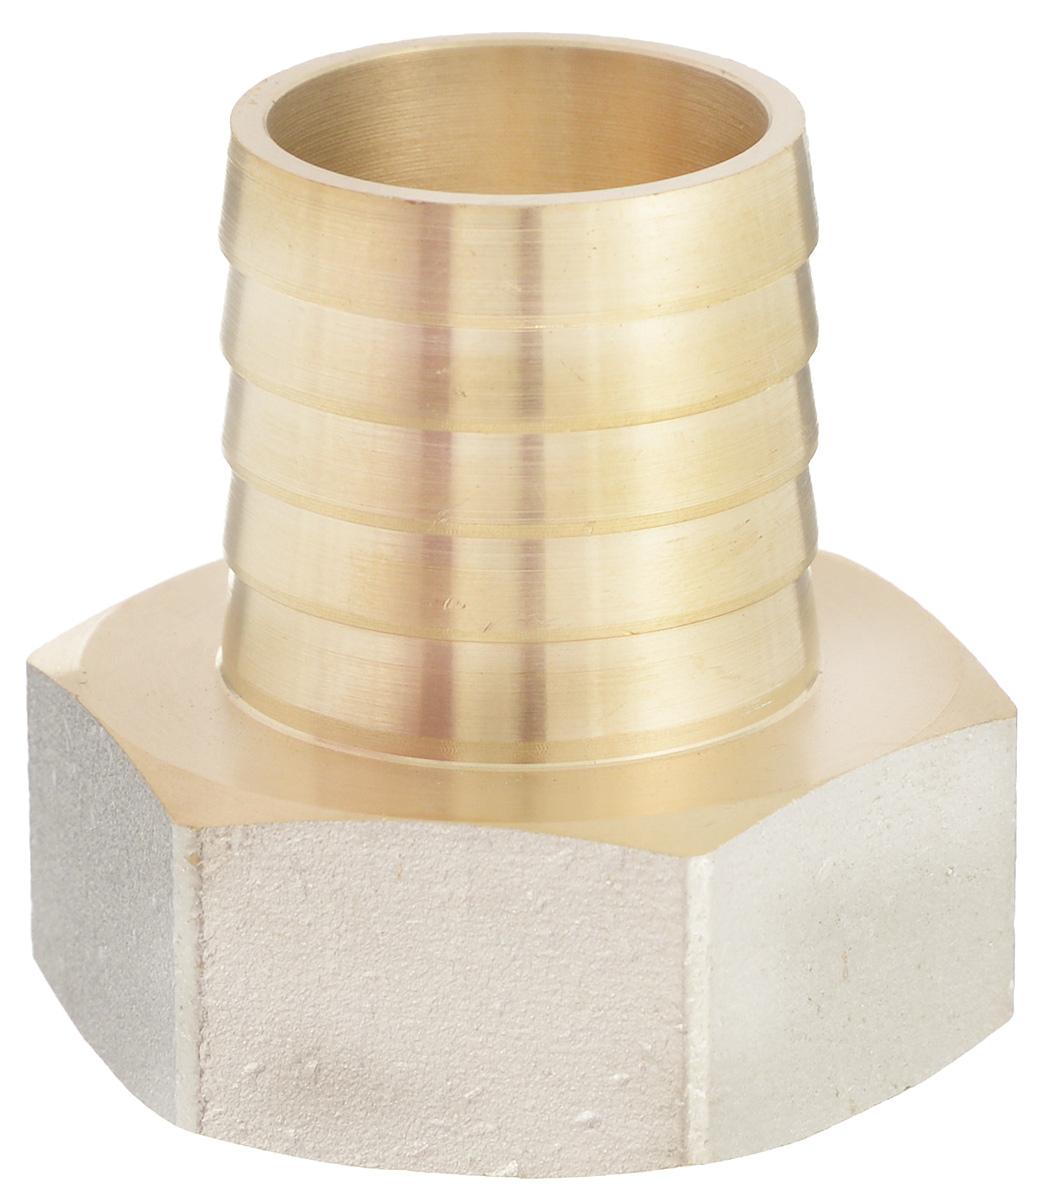 Переходник U-Tec, для резинового шланга, внутренняя резьба 1 х 25 мм059D-D-ITCOПереходник U-Tec предназначен для соединения резьбовых соединений с резиновым шлангом. Изделие изготовлено из прочной и долговечной латуни. Никелированное покрытие на внешнем корпусе защищает изделие от окисления. Продукция под торговой маркой U-Tec прошла все необходимые испытания и по праву может считаться надежной.Размер ключа: 34 мм.